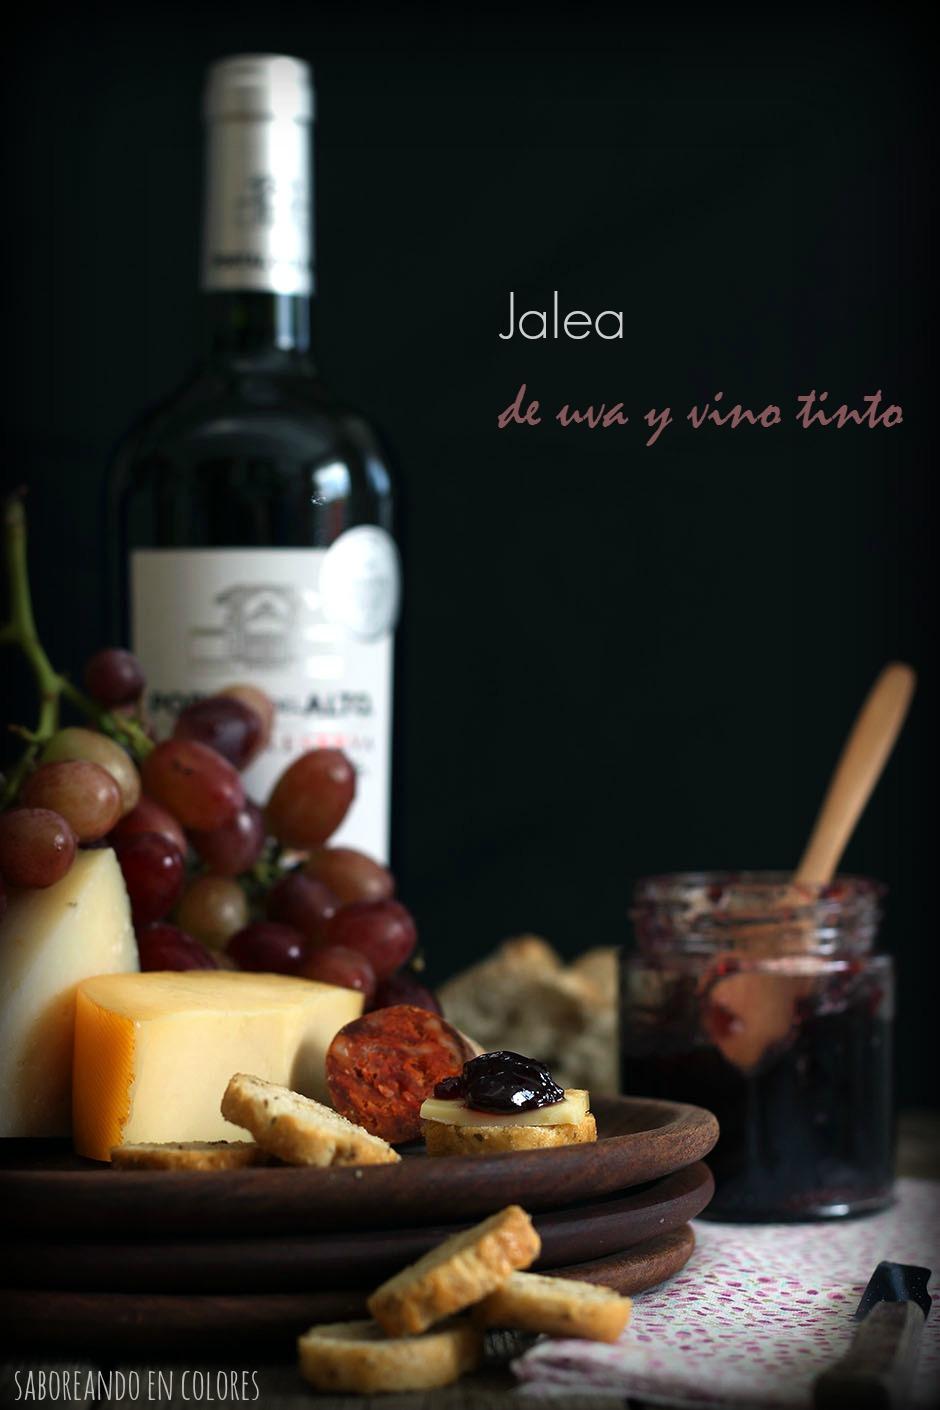 jalea-uva-y-vino-tinto3